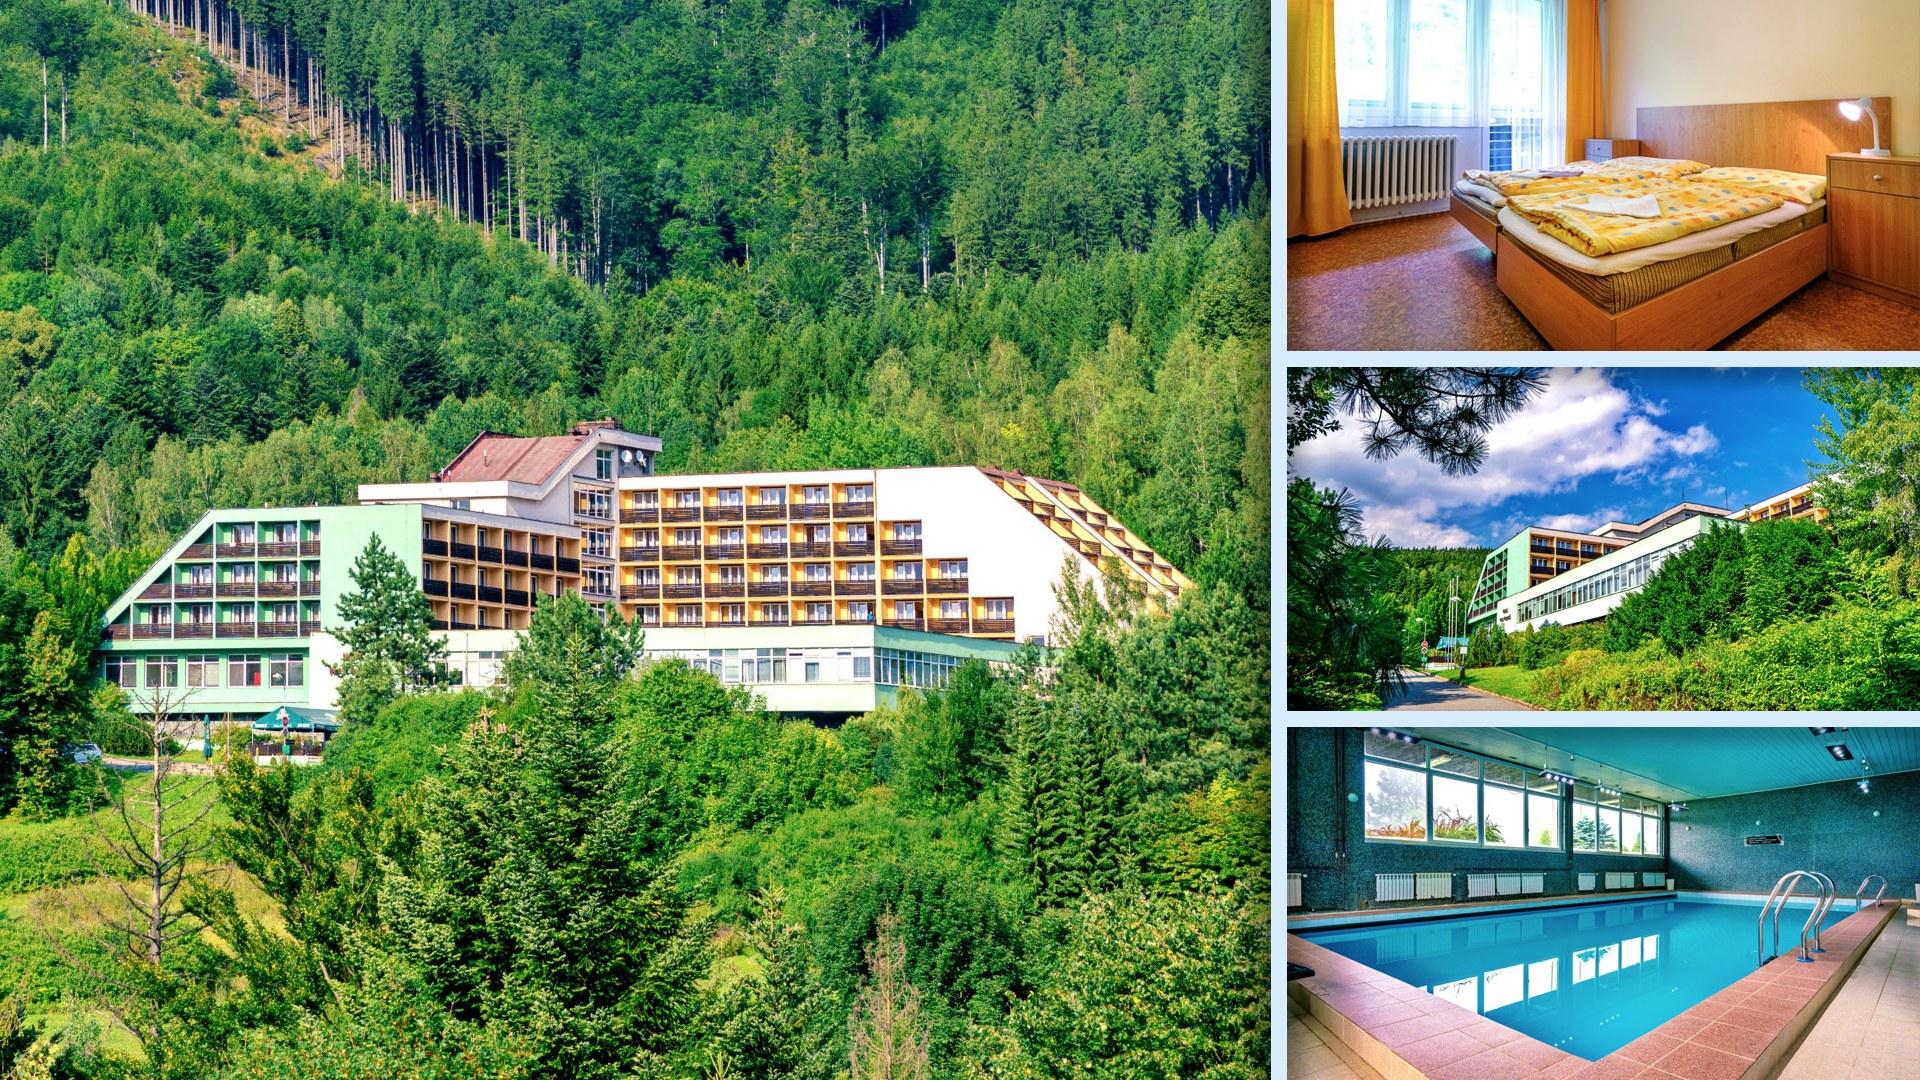 Hotel Petr Bezruč - Skvělý hotel v Beskydech s nádechem retra